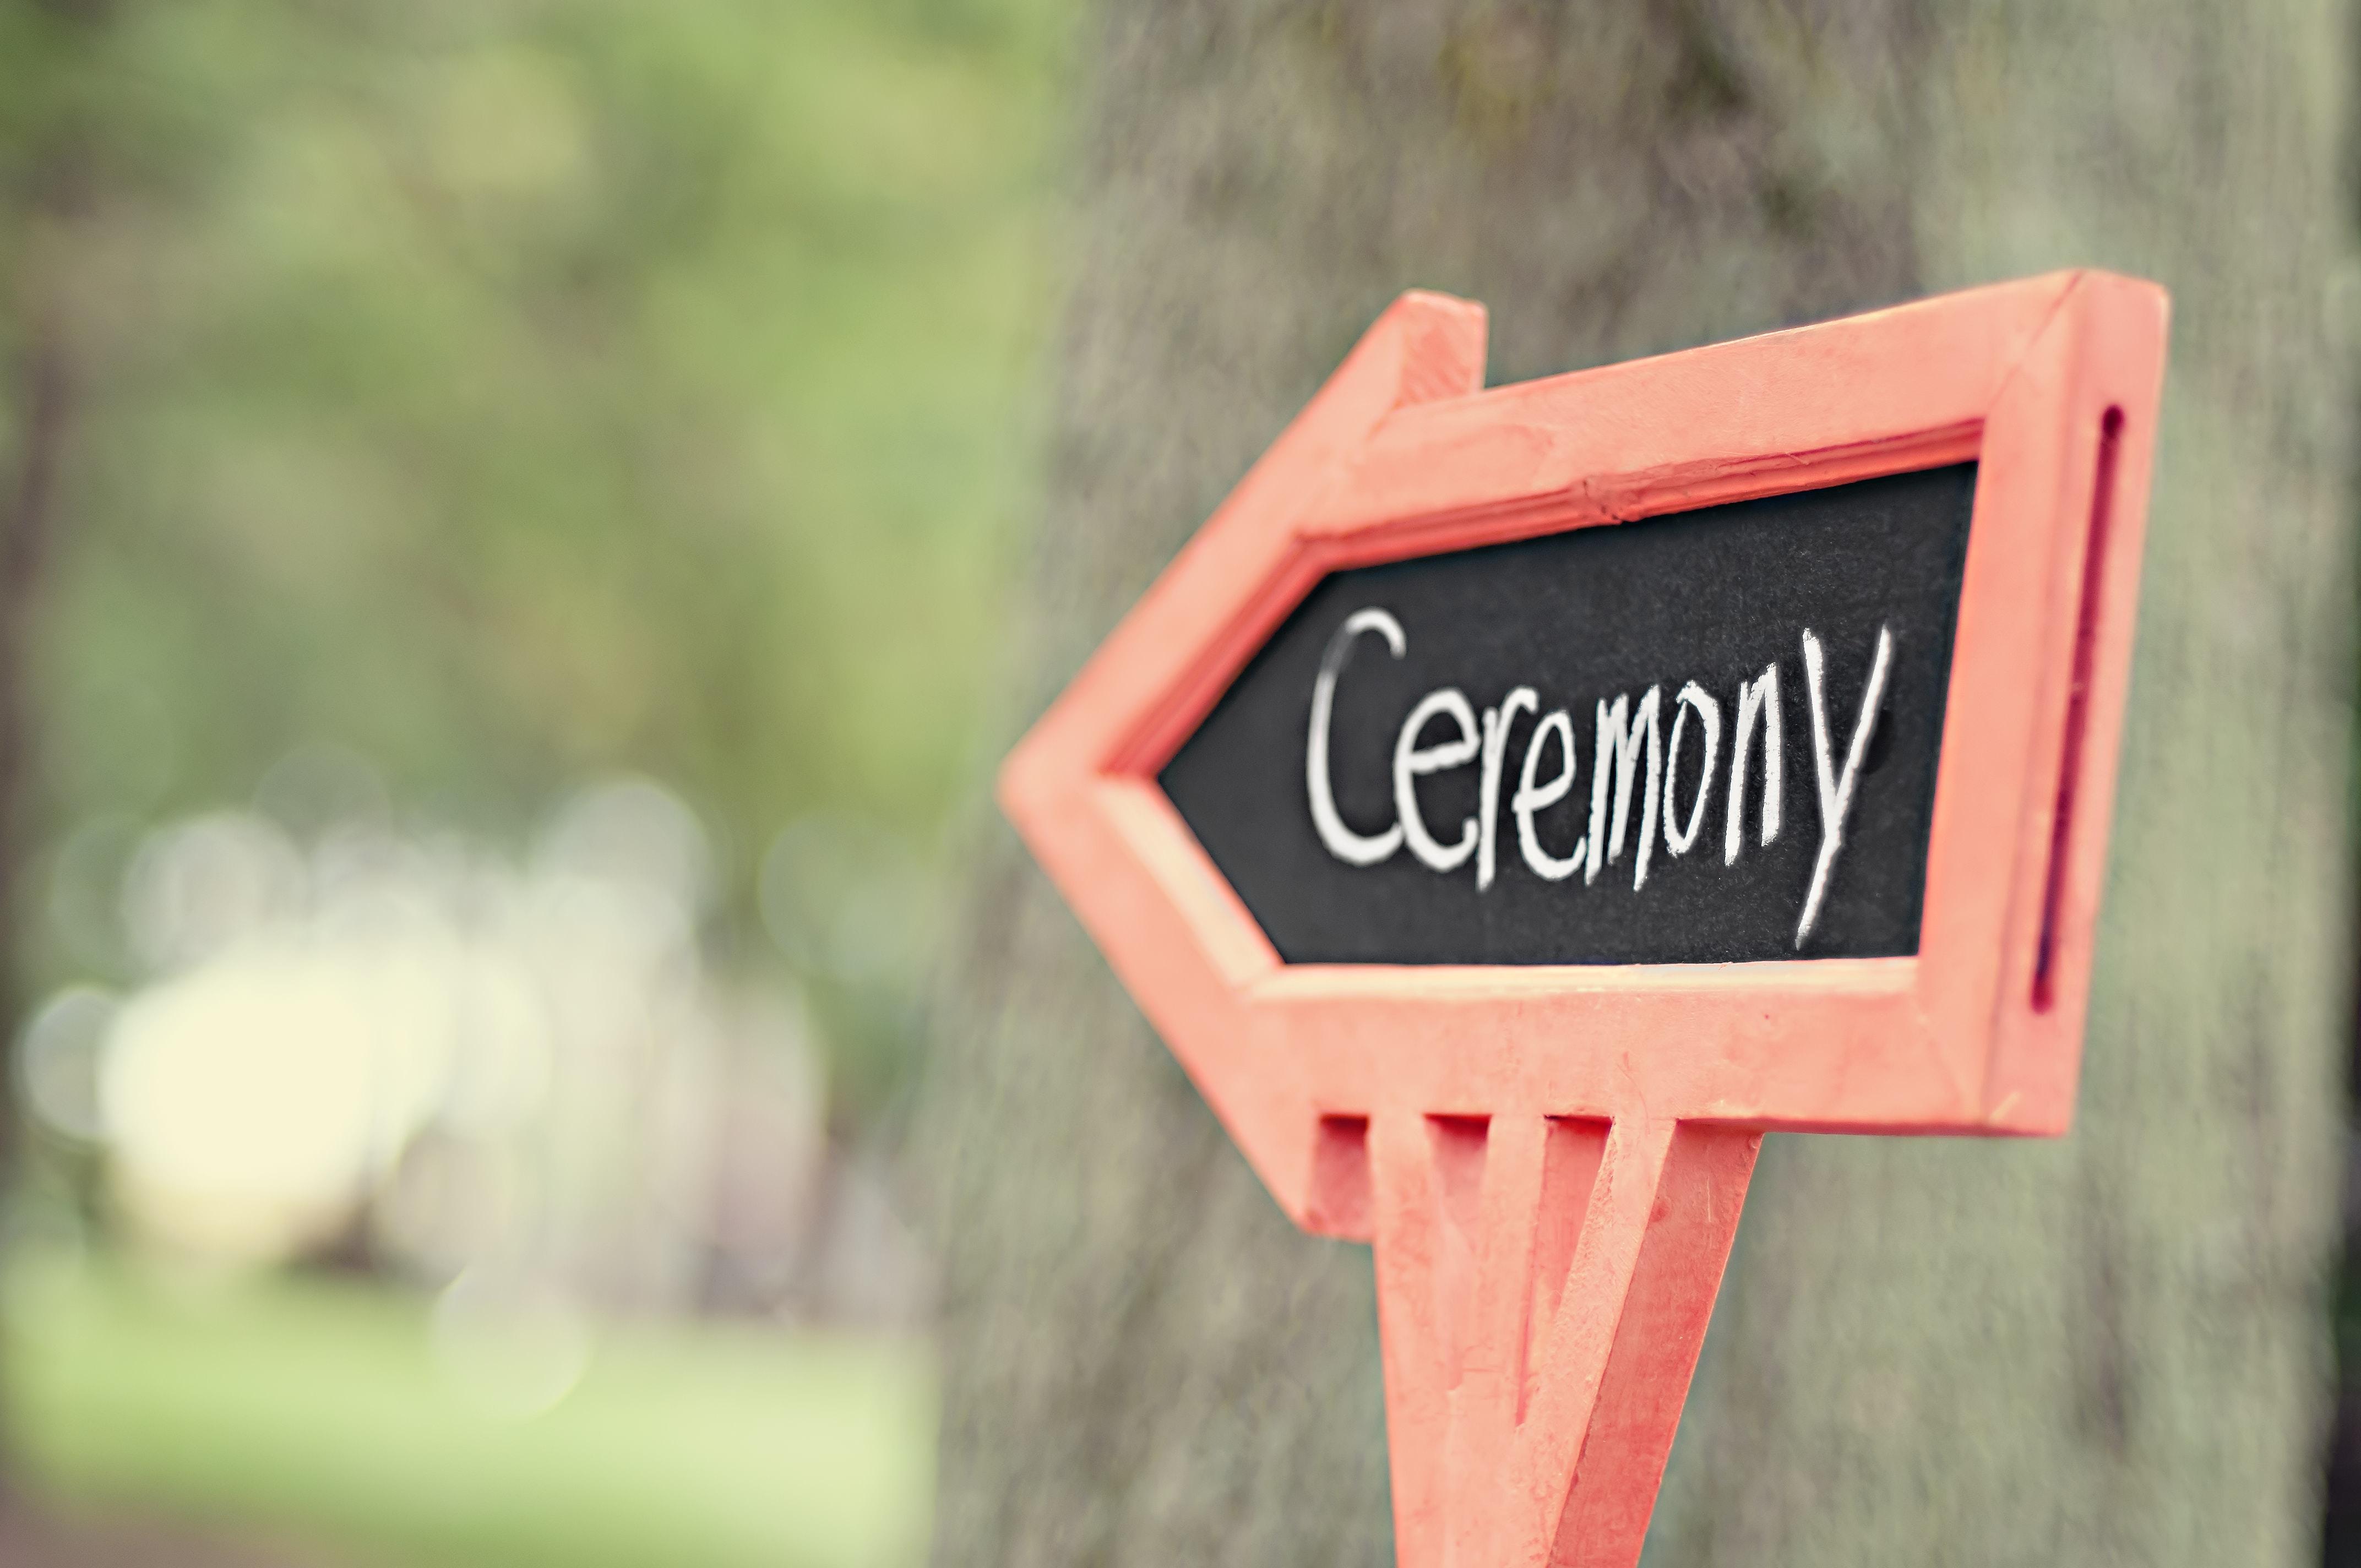 ceremonyの矢印看板